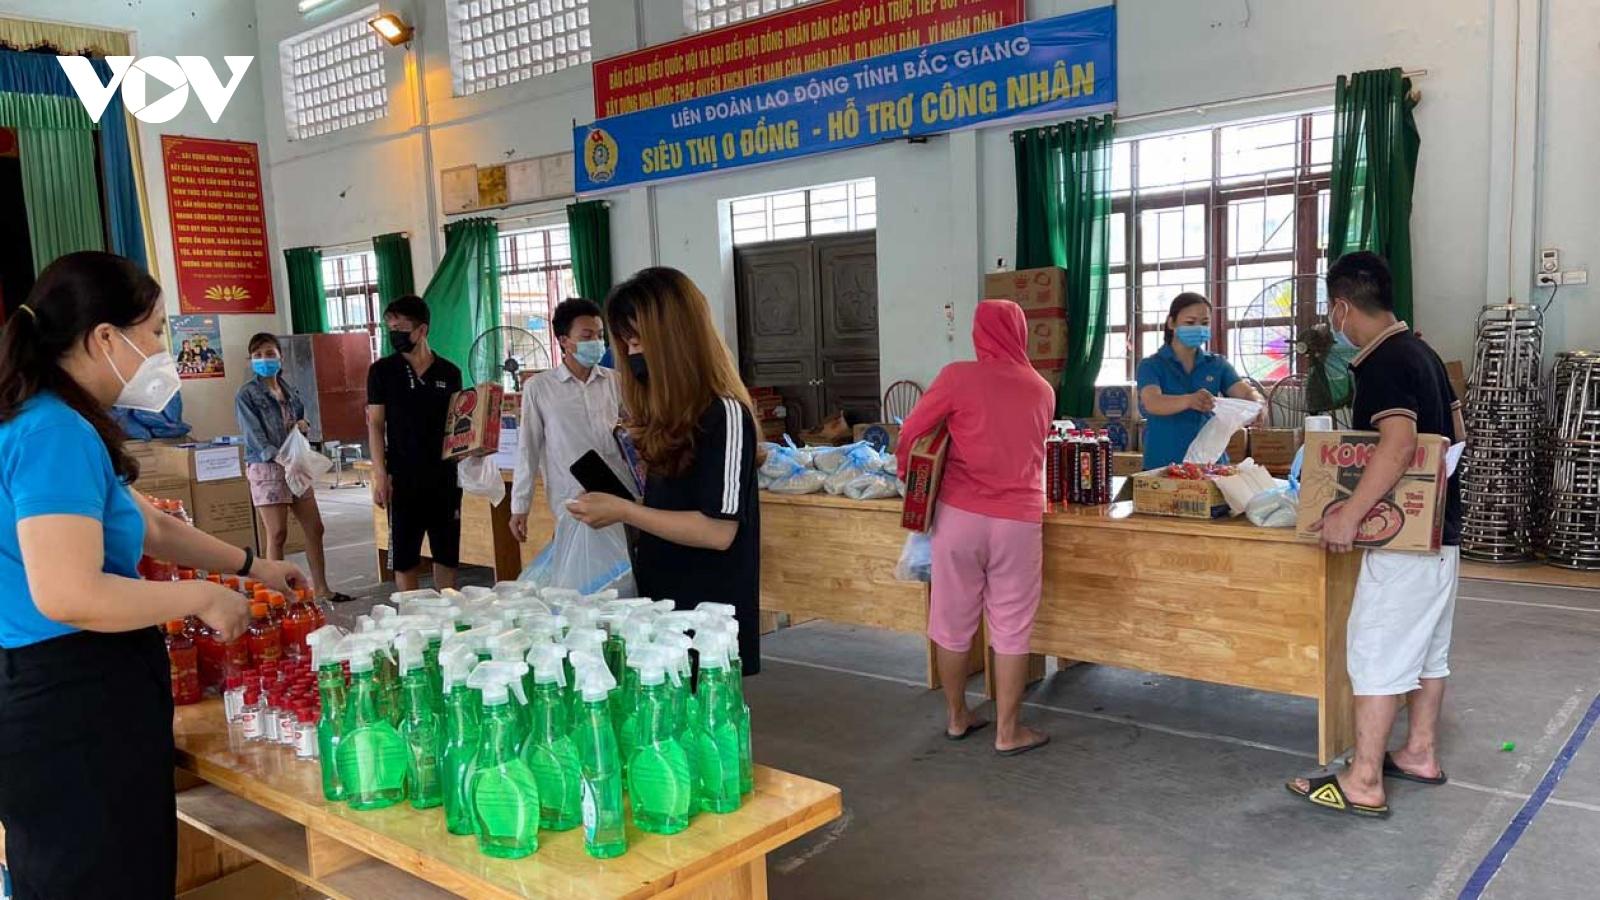 Ấm lòng siêu thị 0 đồng tại Bắc Giang